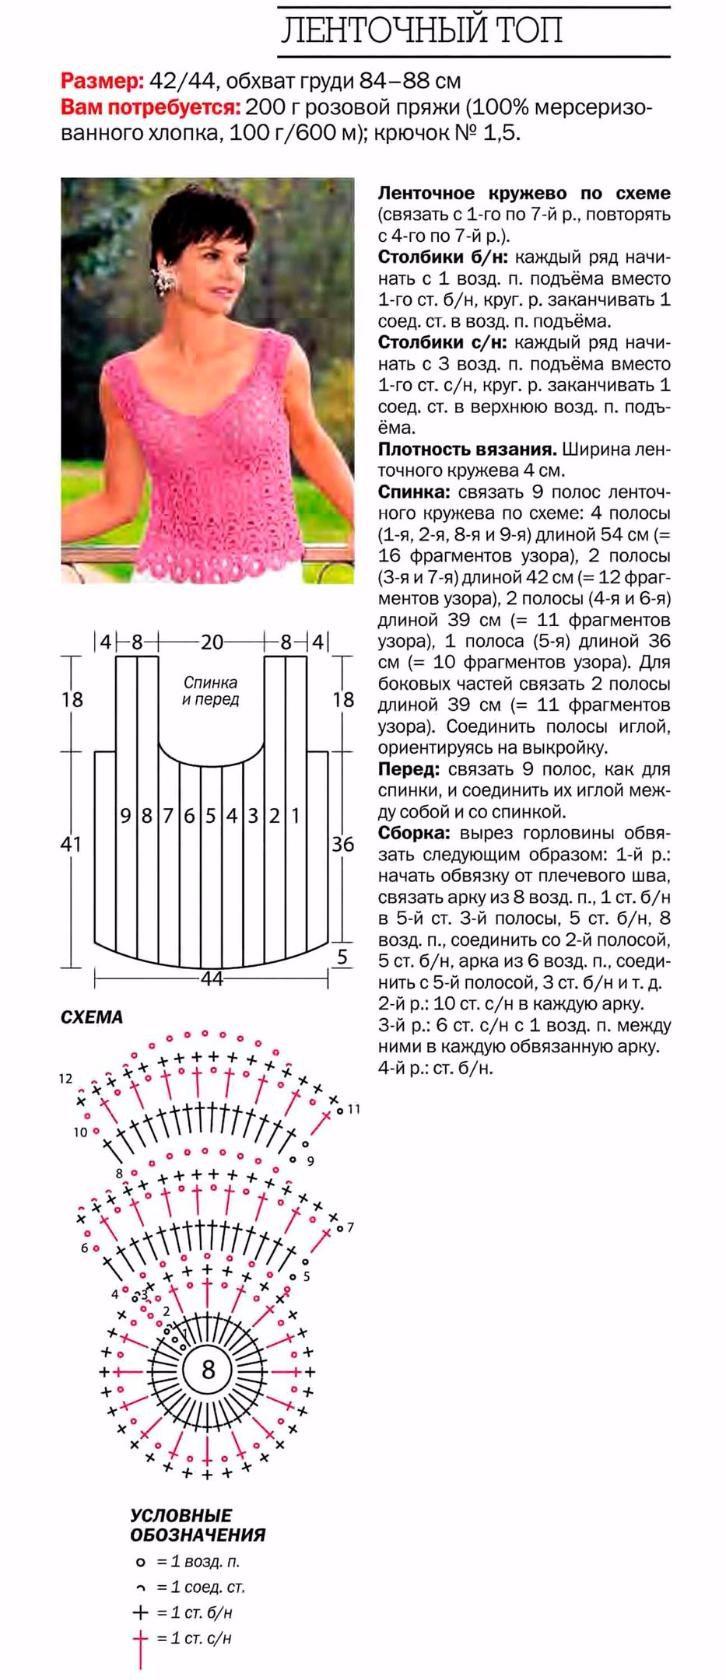 Ленточное кружево крючком : схемы и модели, как вязать обновку с фото